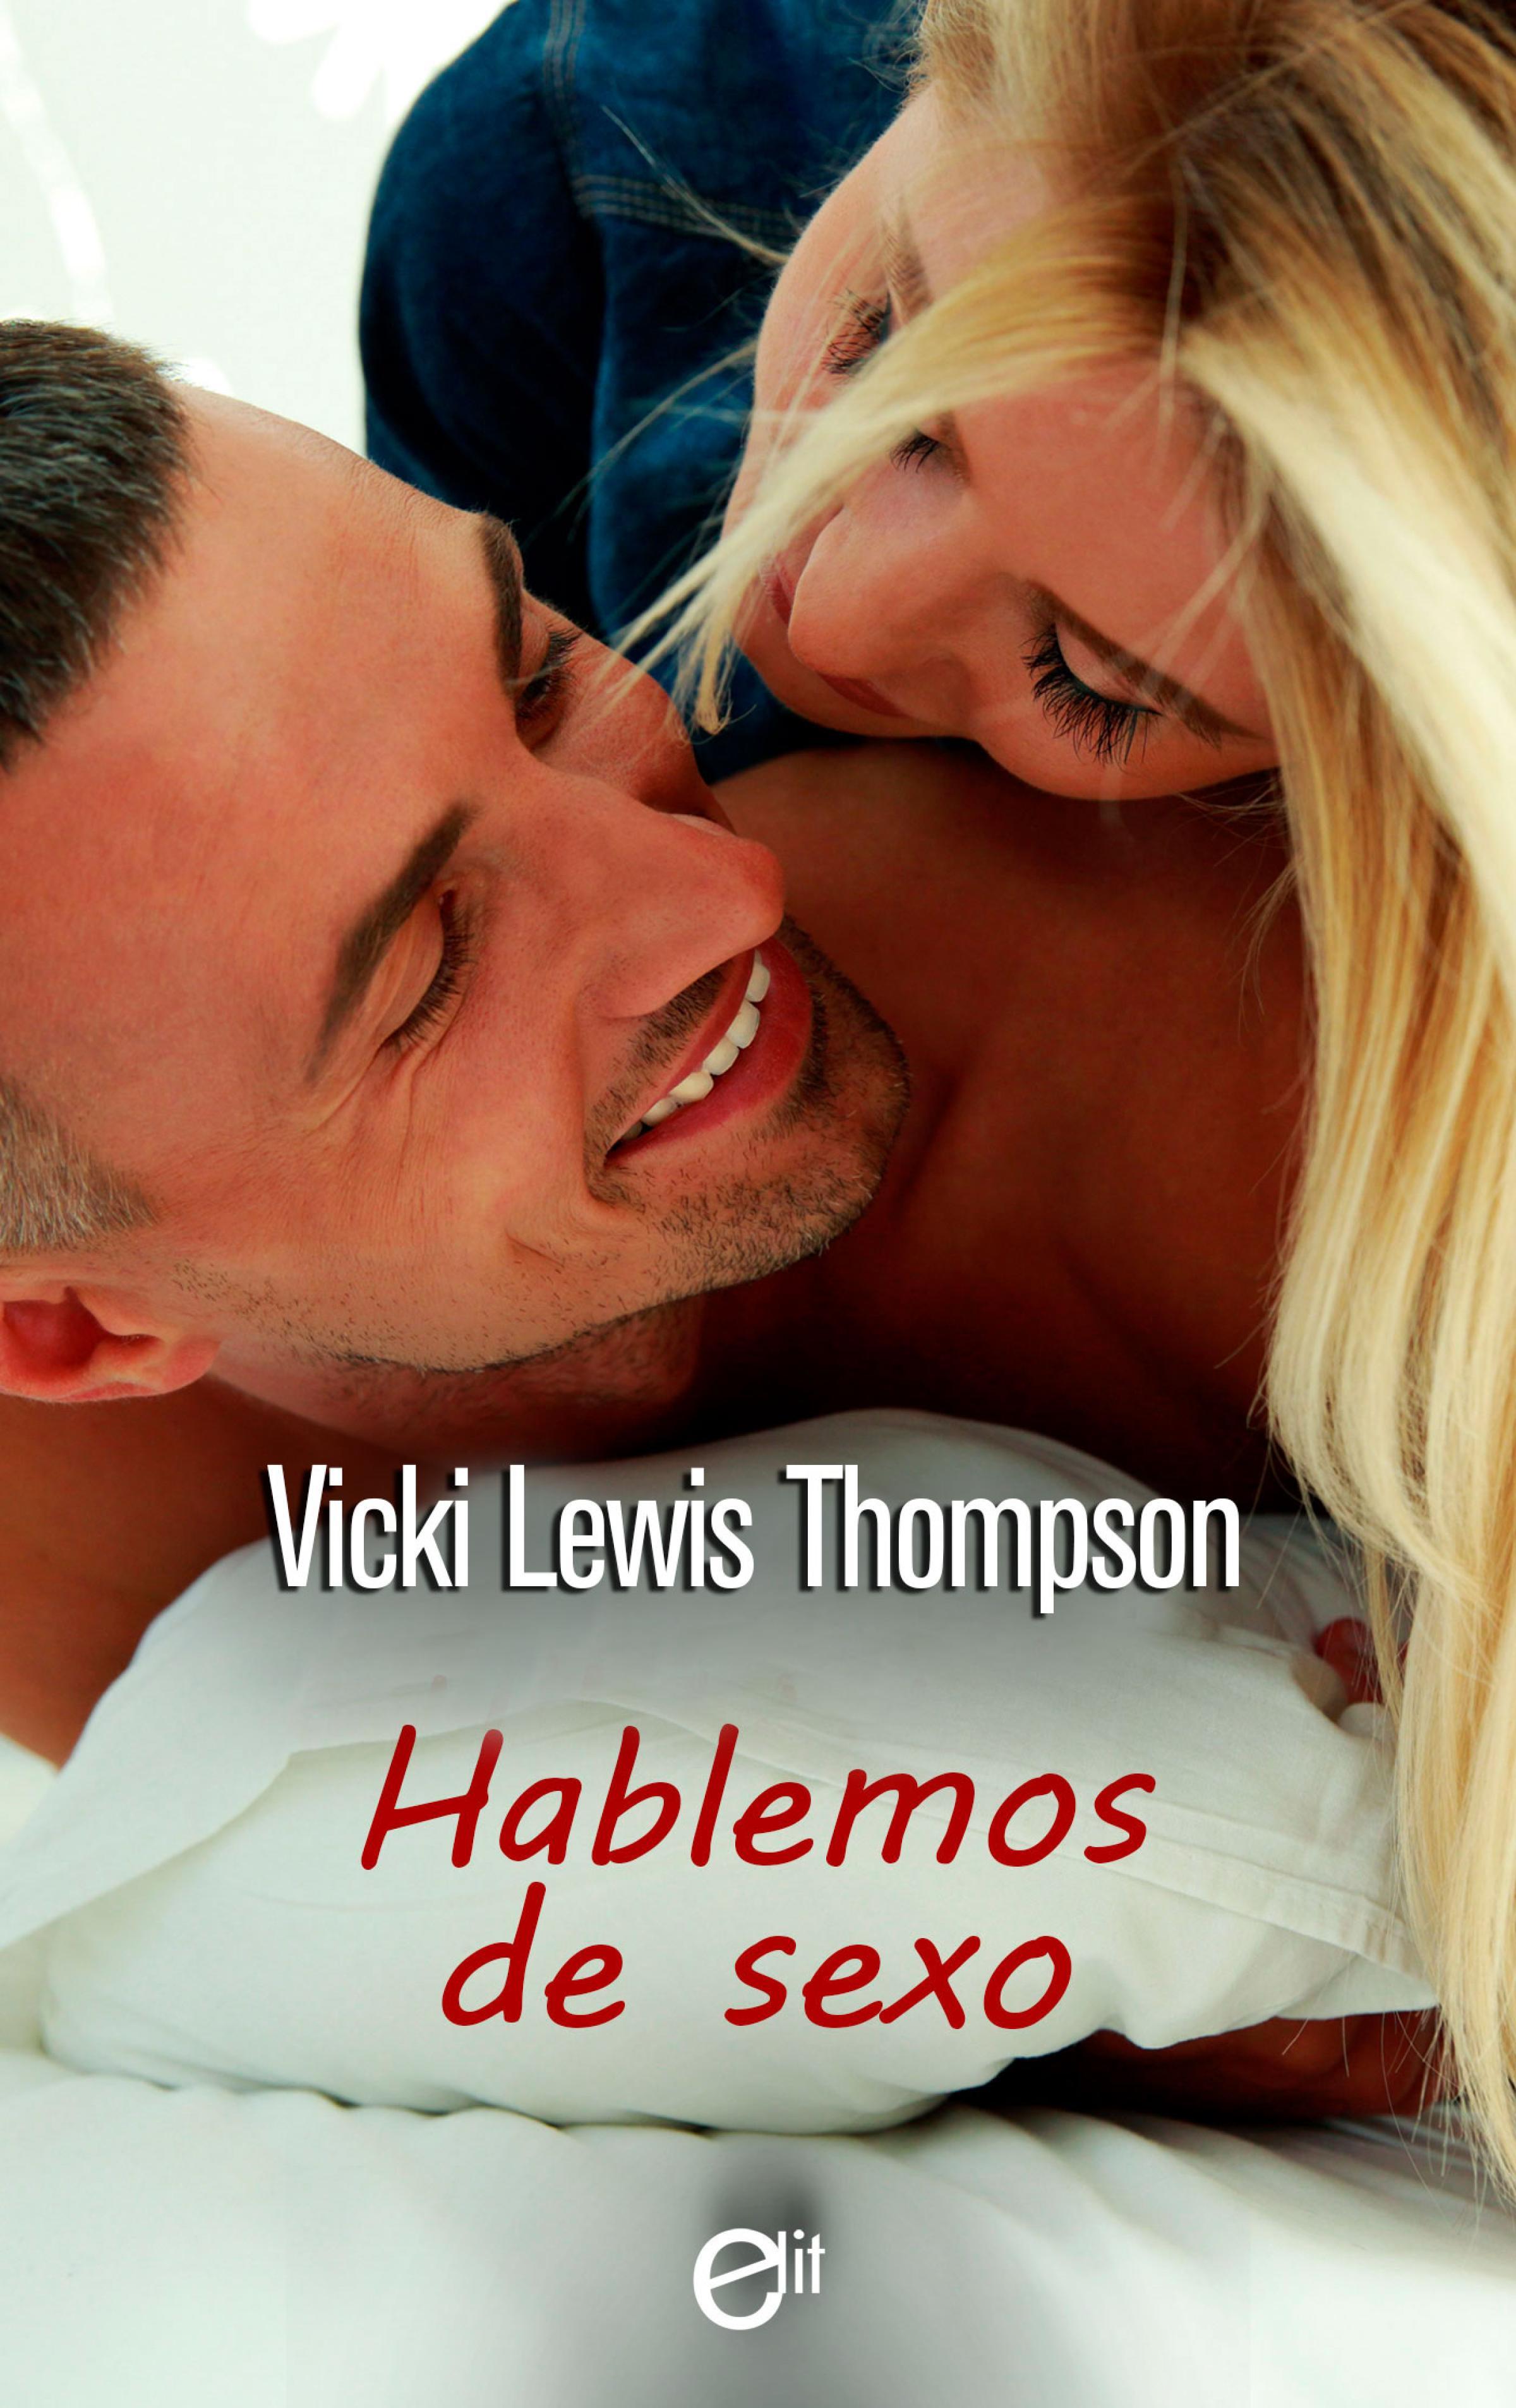 Vicki Lewis Thompson Hablemos de sexo